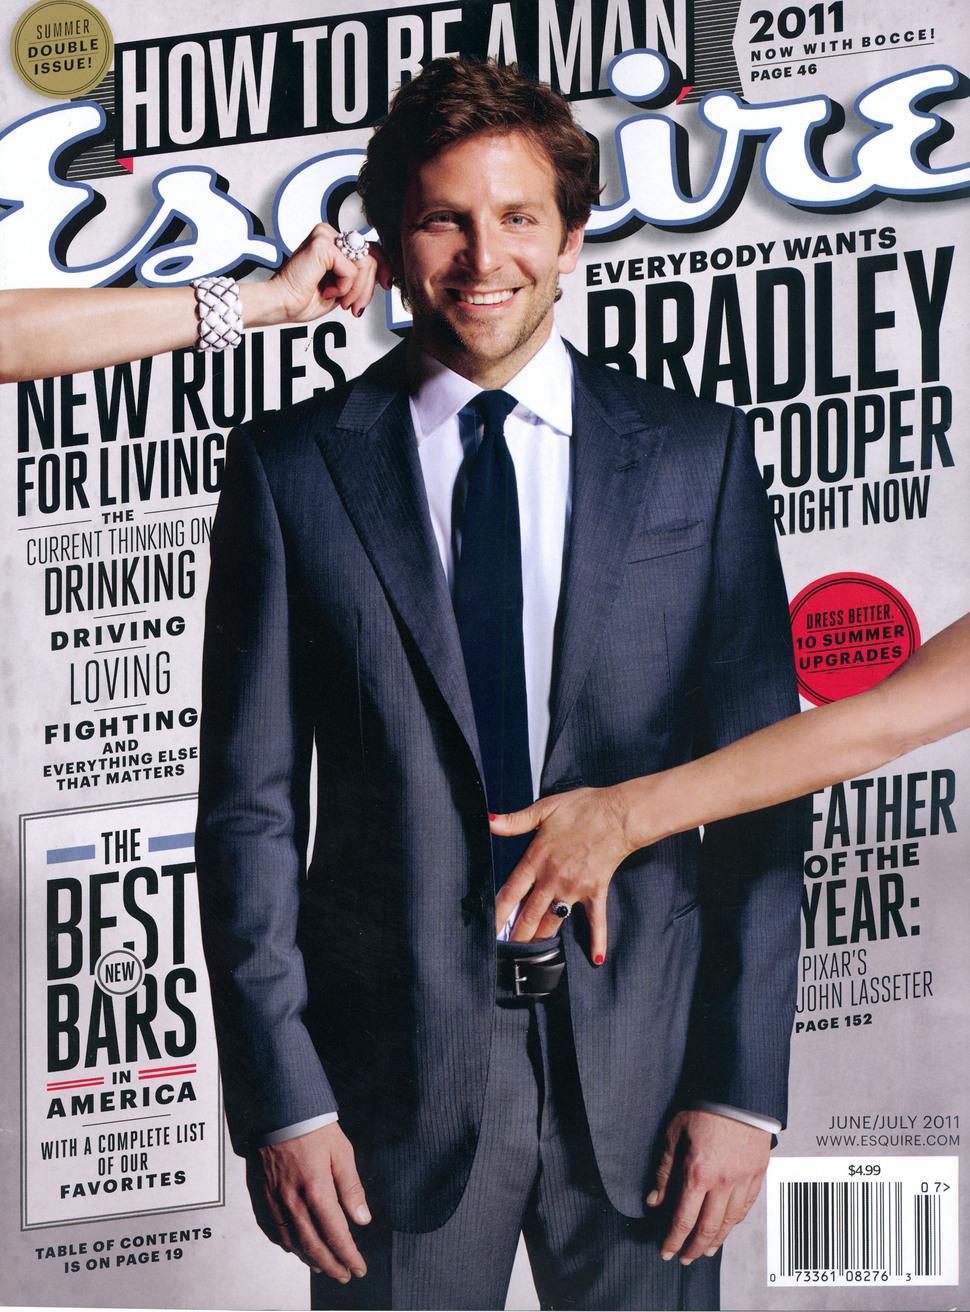 Брэдли Купер в журнале Esquire. Июнь-июль 2011